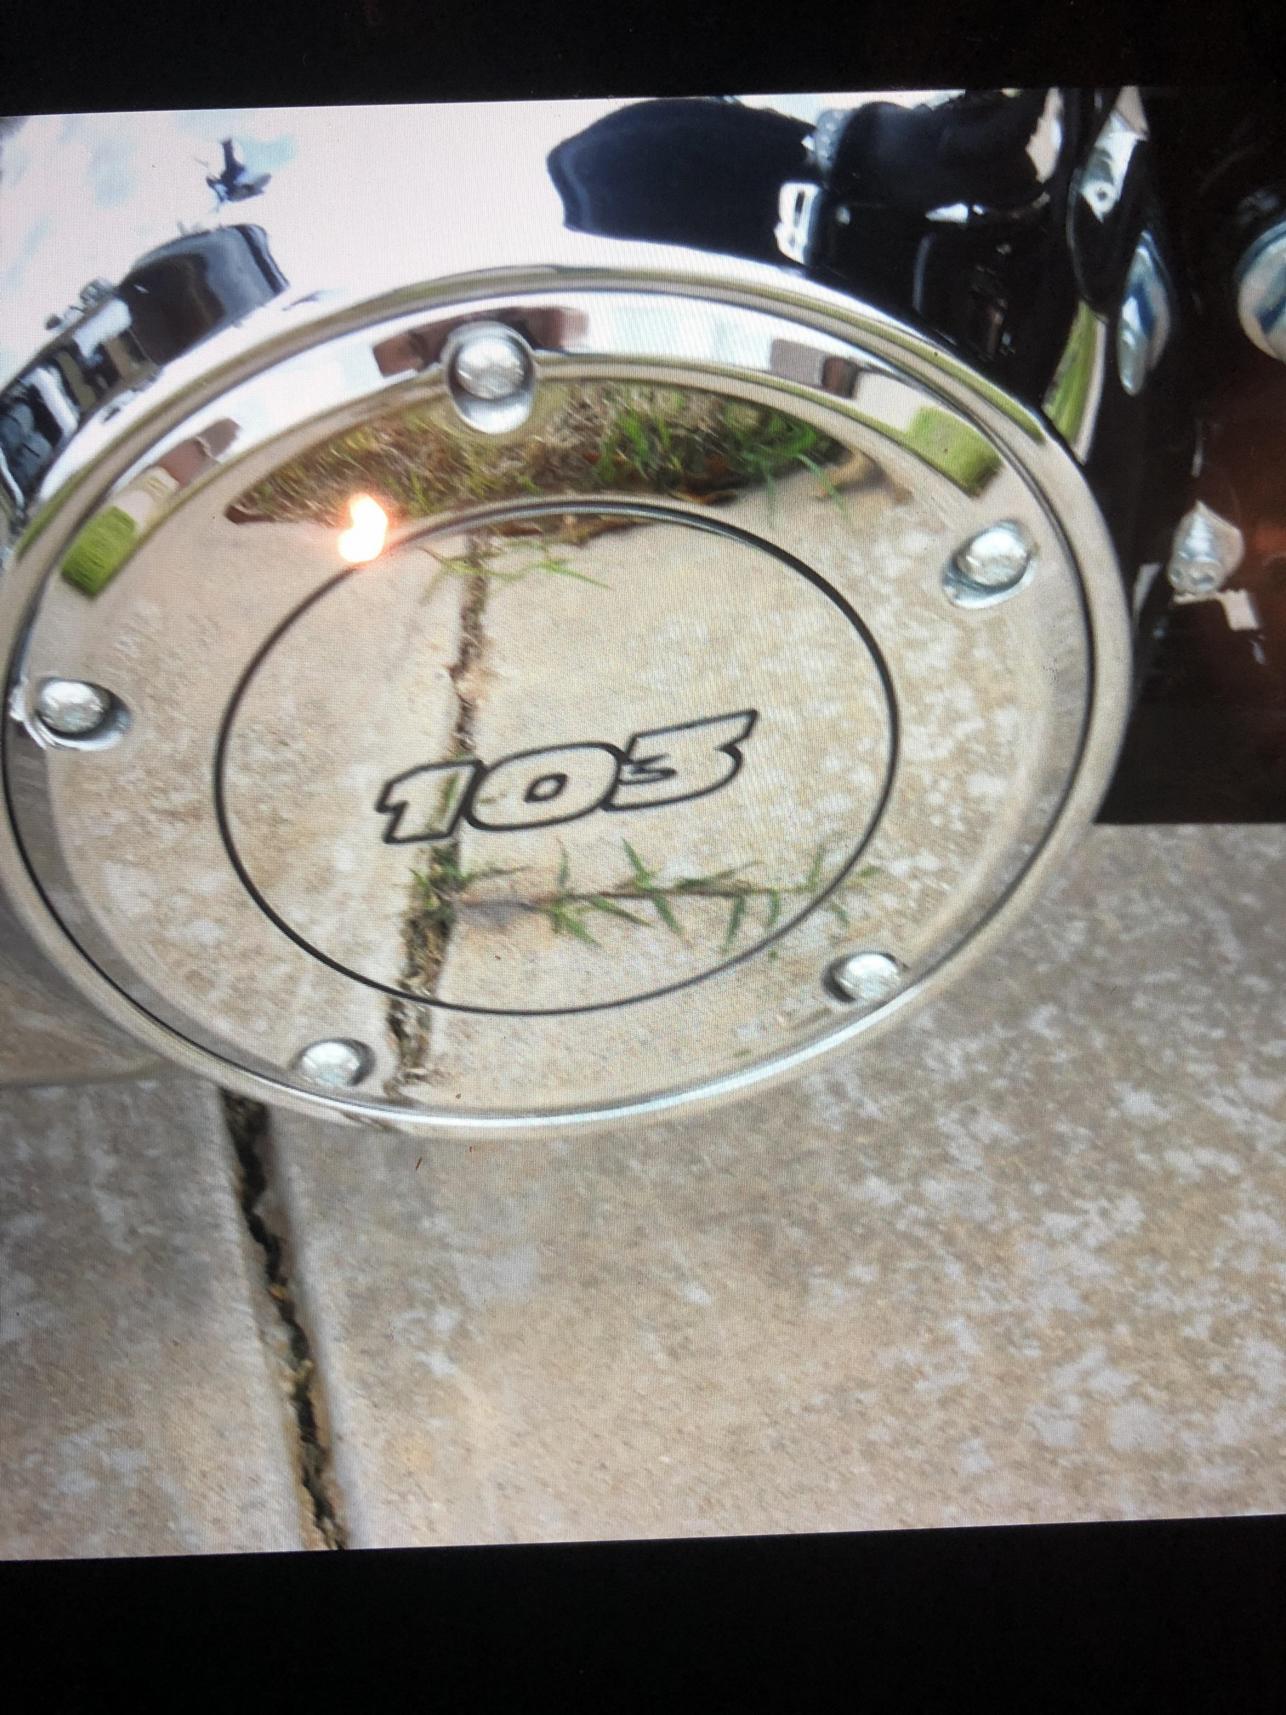 HARLEY-DAVIDSON - FLS SOFTAIL SLIM 103